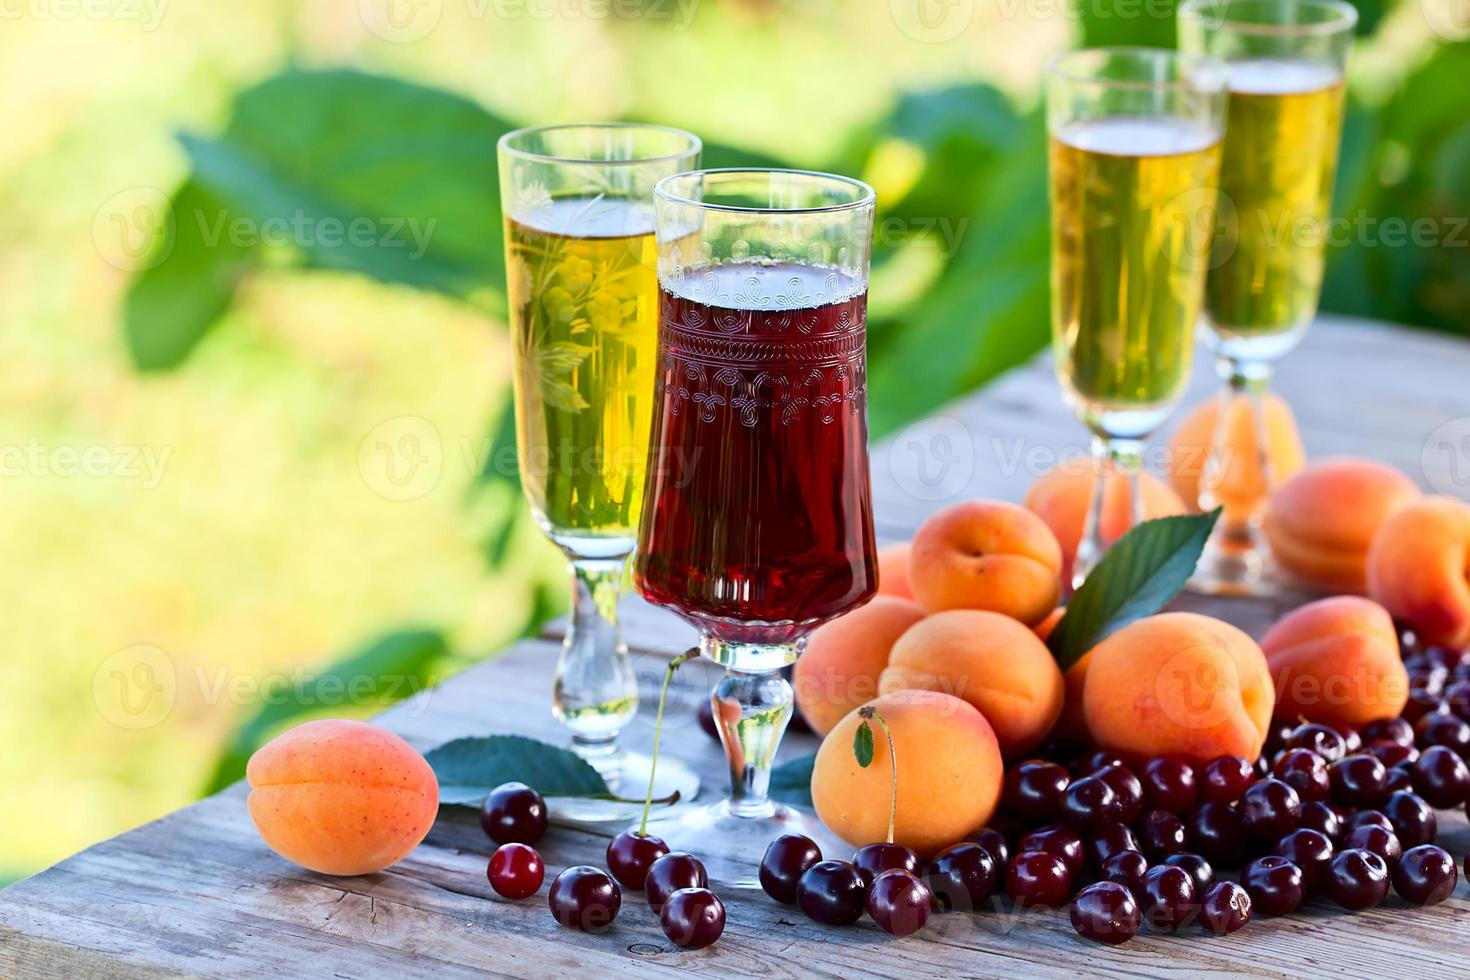 vino dulce y frutas foto